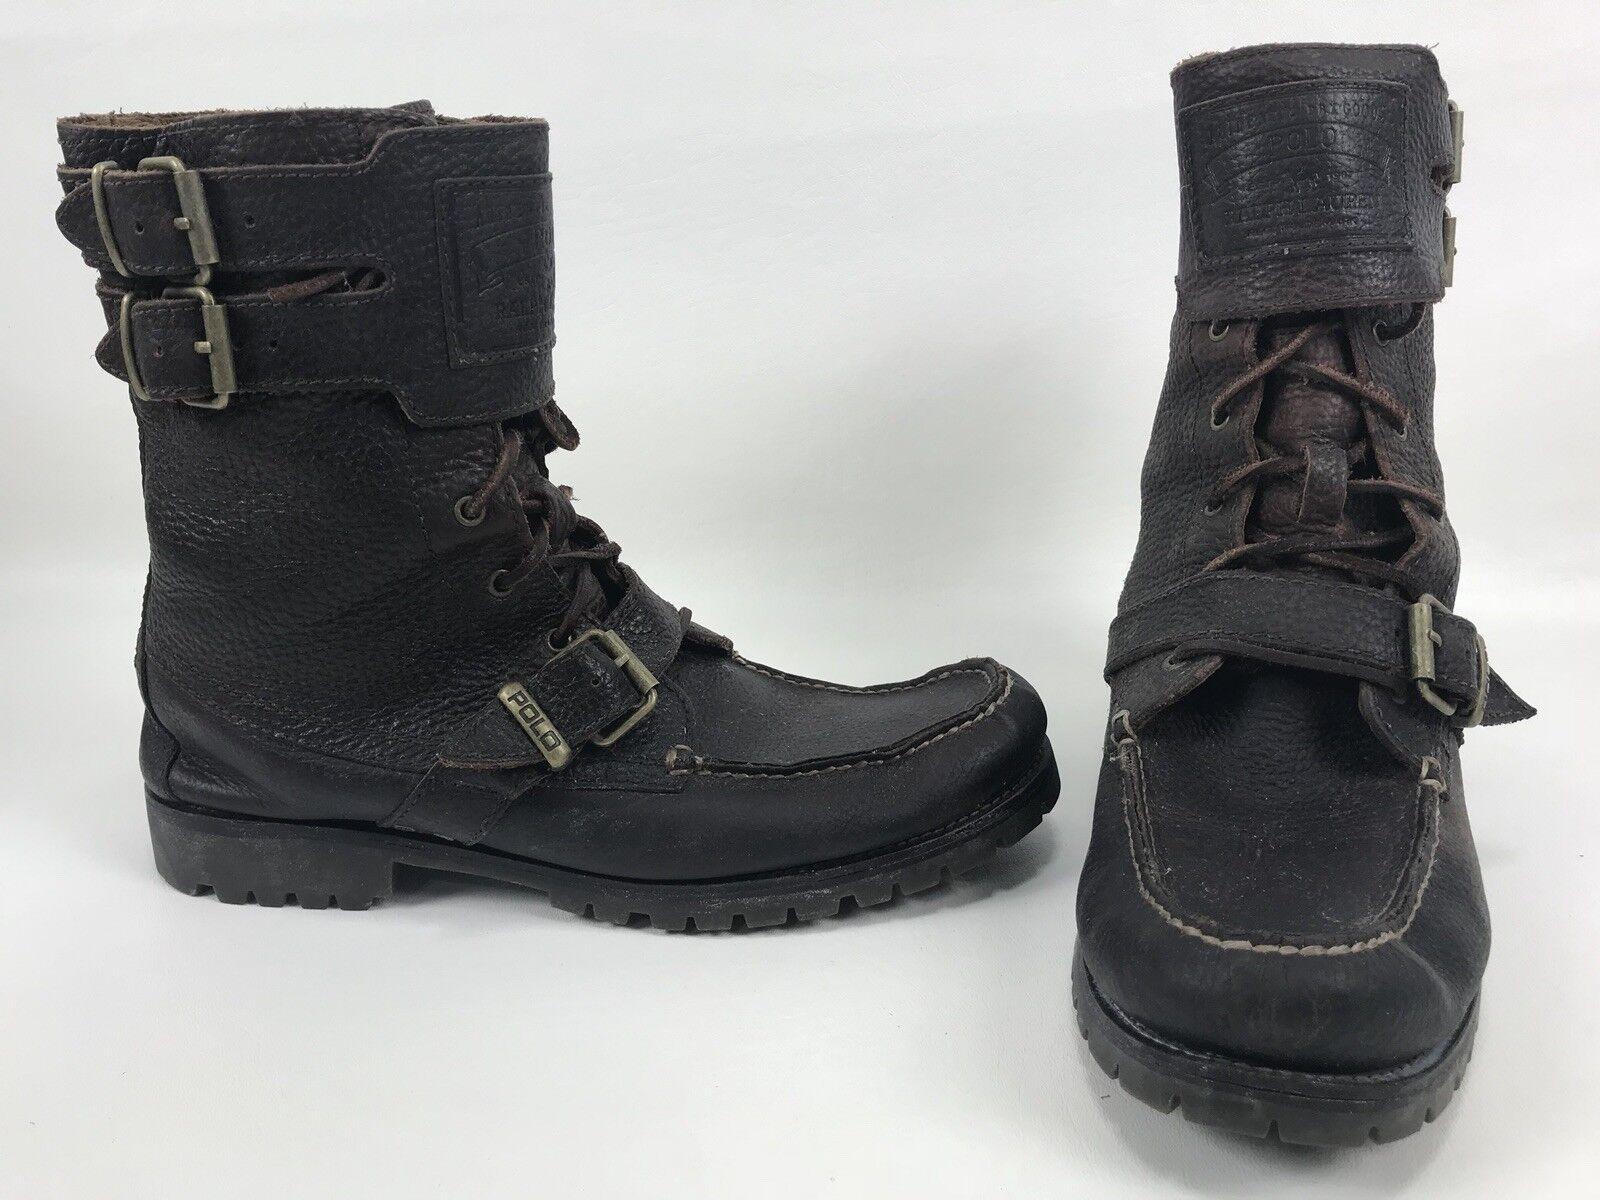 Polo Ralph Lauren Brockton botas De Cuero Negro Doble abrochado Mens tamaño D 12